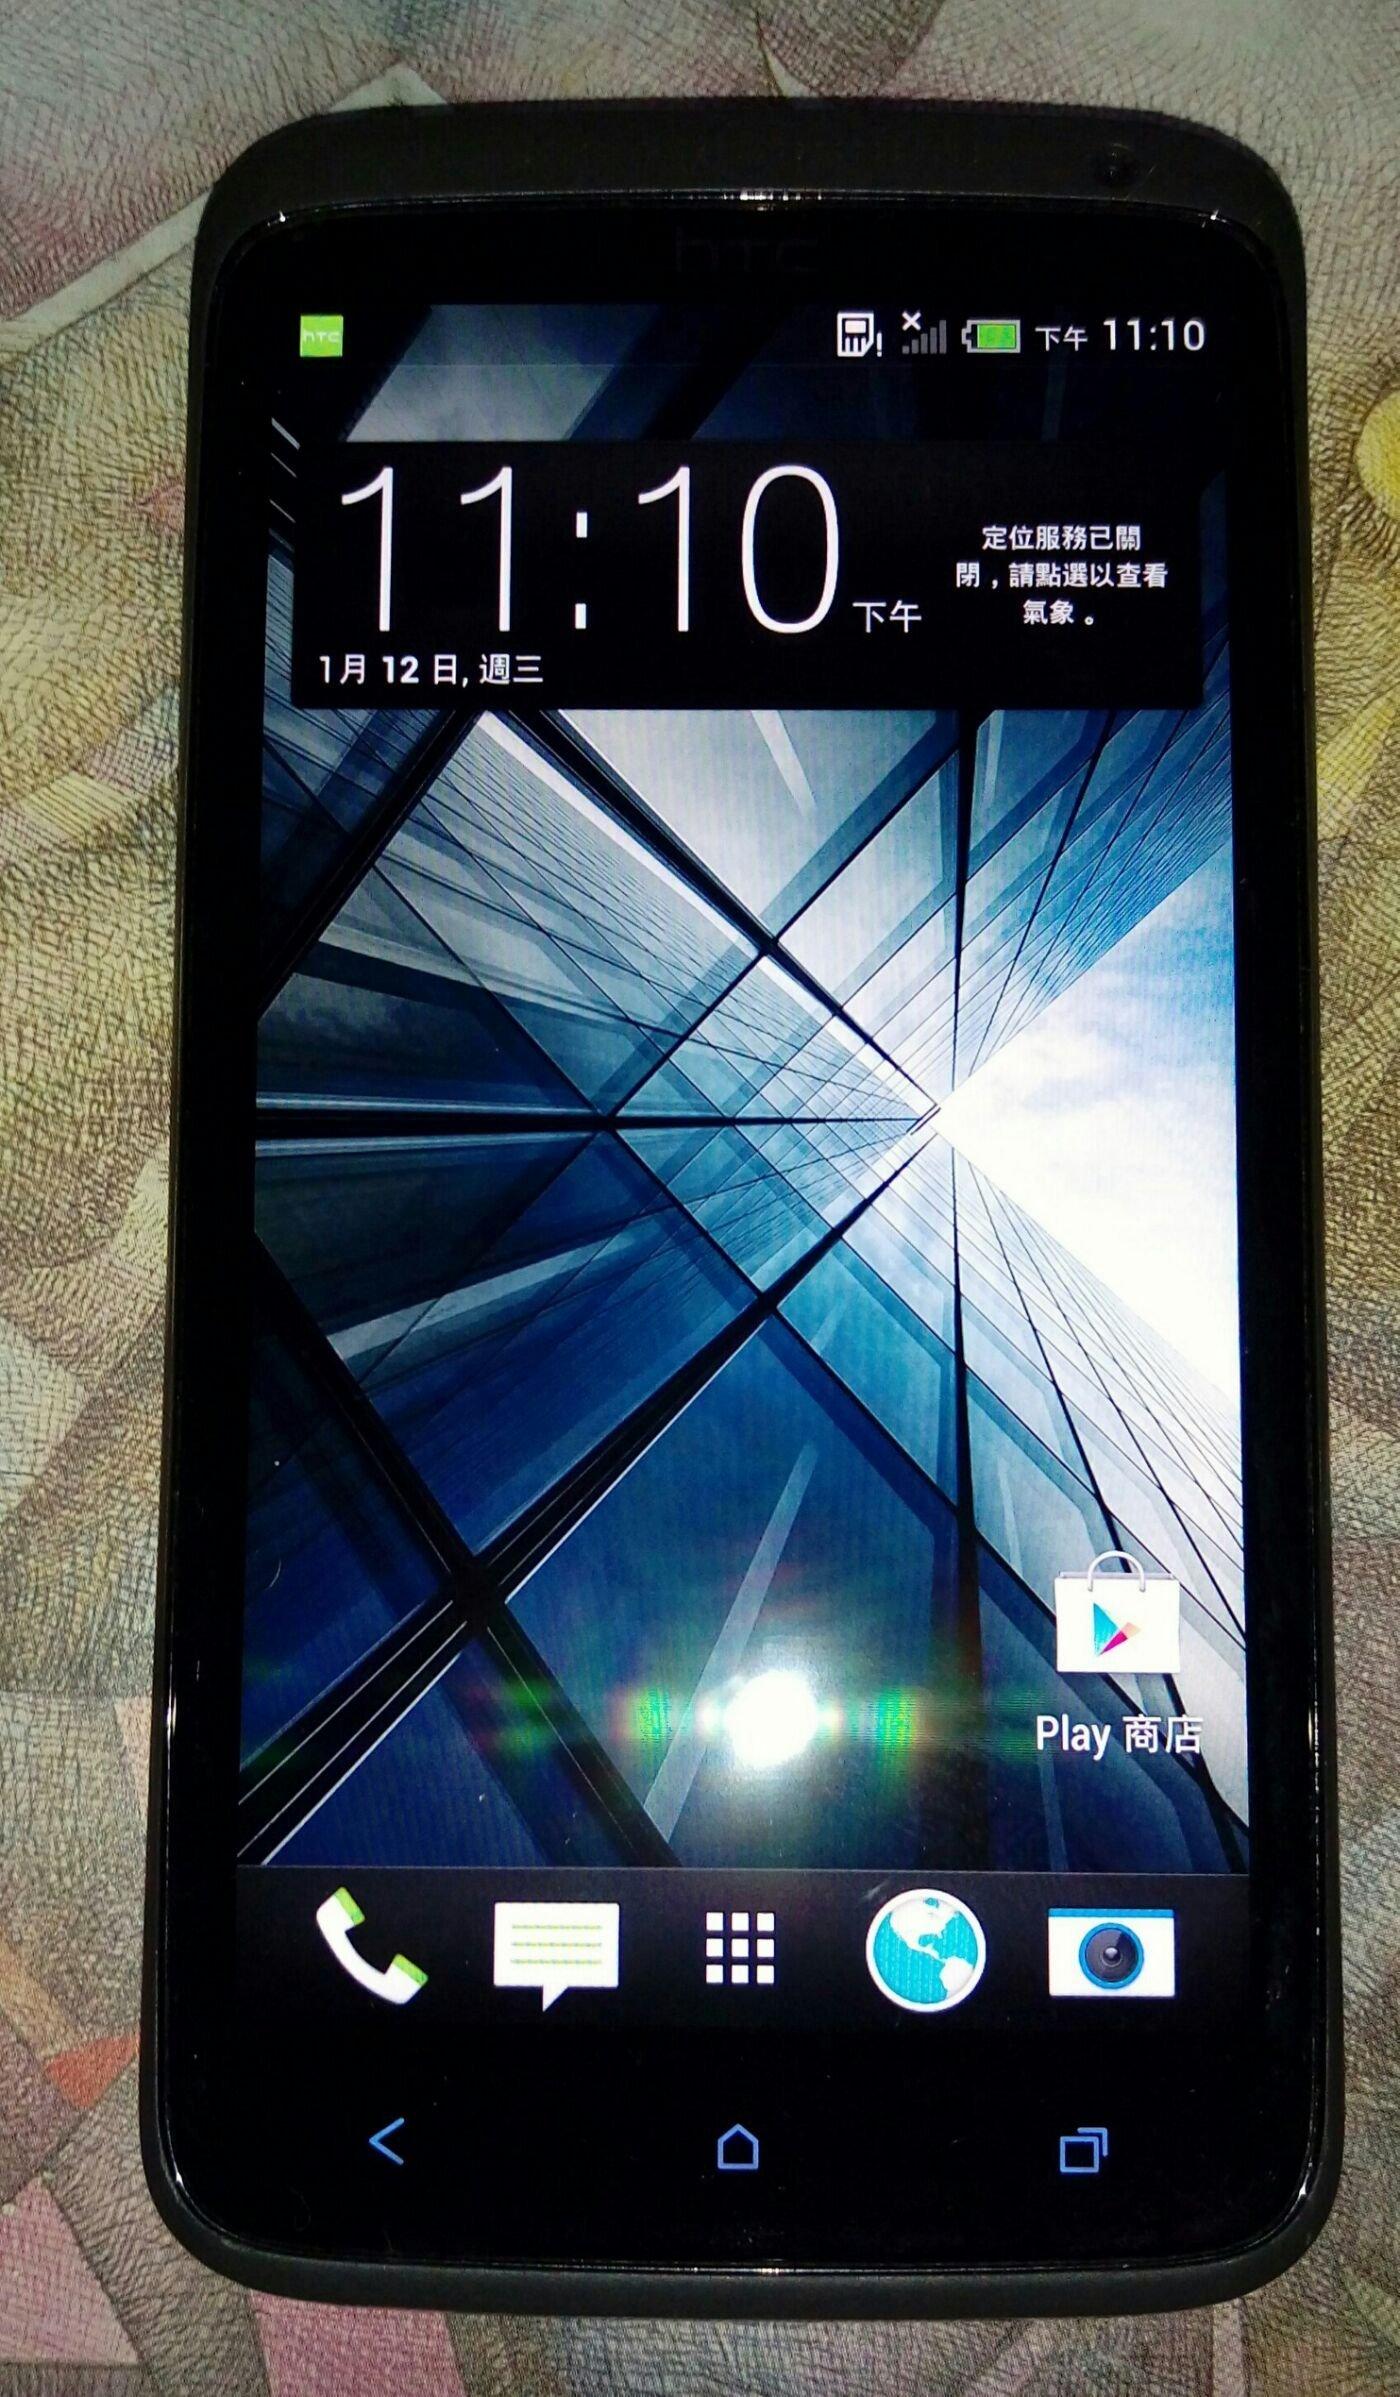 $$【故障機 】HTC One X S720e『黑色』 $$